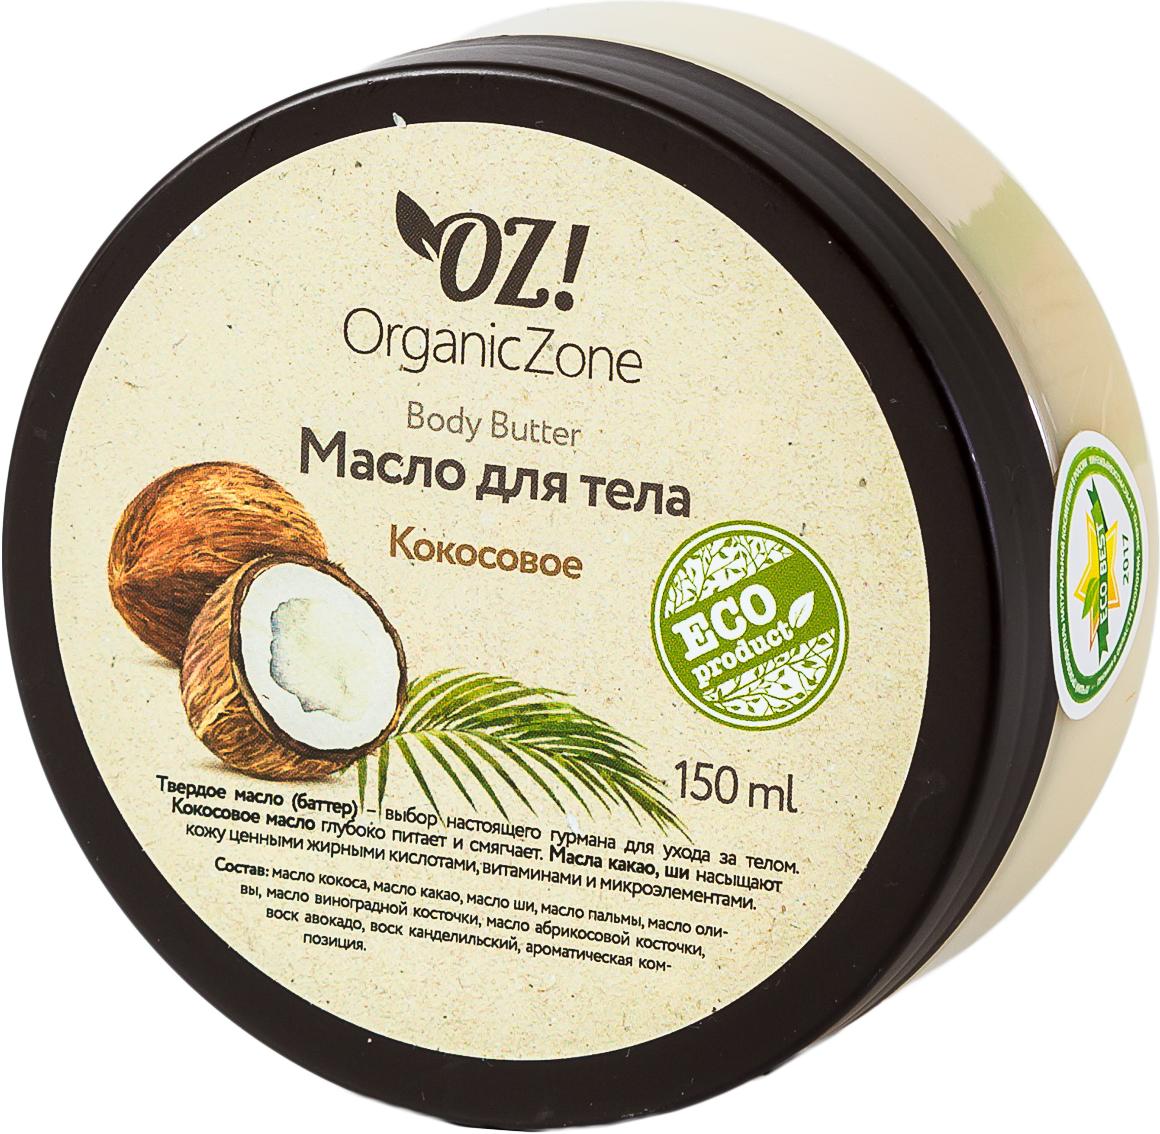 OrganicZone Баттер для тела Кокосовый, 150 мл4665301124556Твердое масло (баттер) - выбор настоящего гурмана для ухода за телом. Кокосовое масло глубоко питает и смягчает. Масла какао, ши насыщают кожу ценными жирными кислотами, витаминами и микроэлементами.